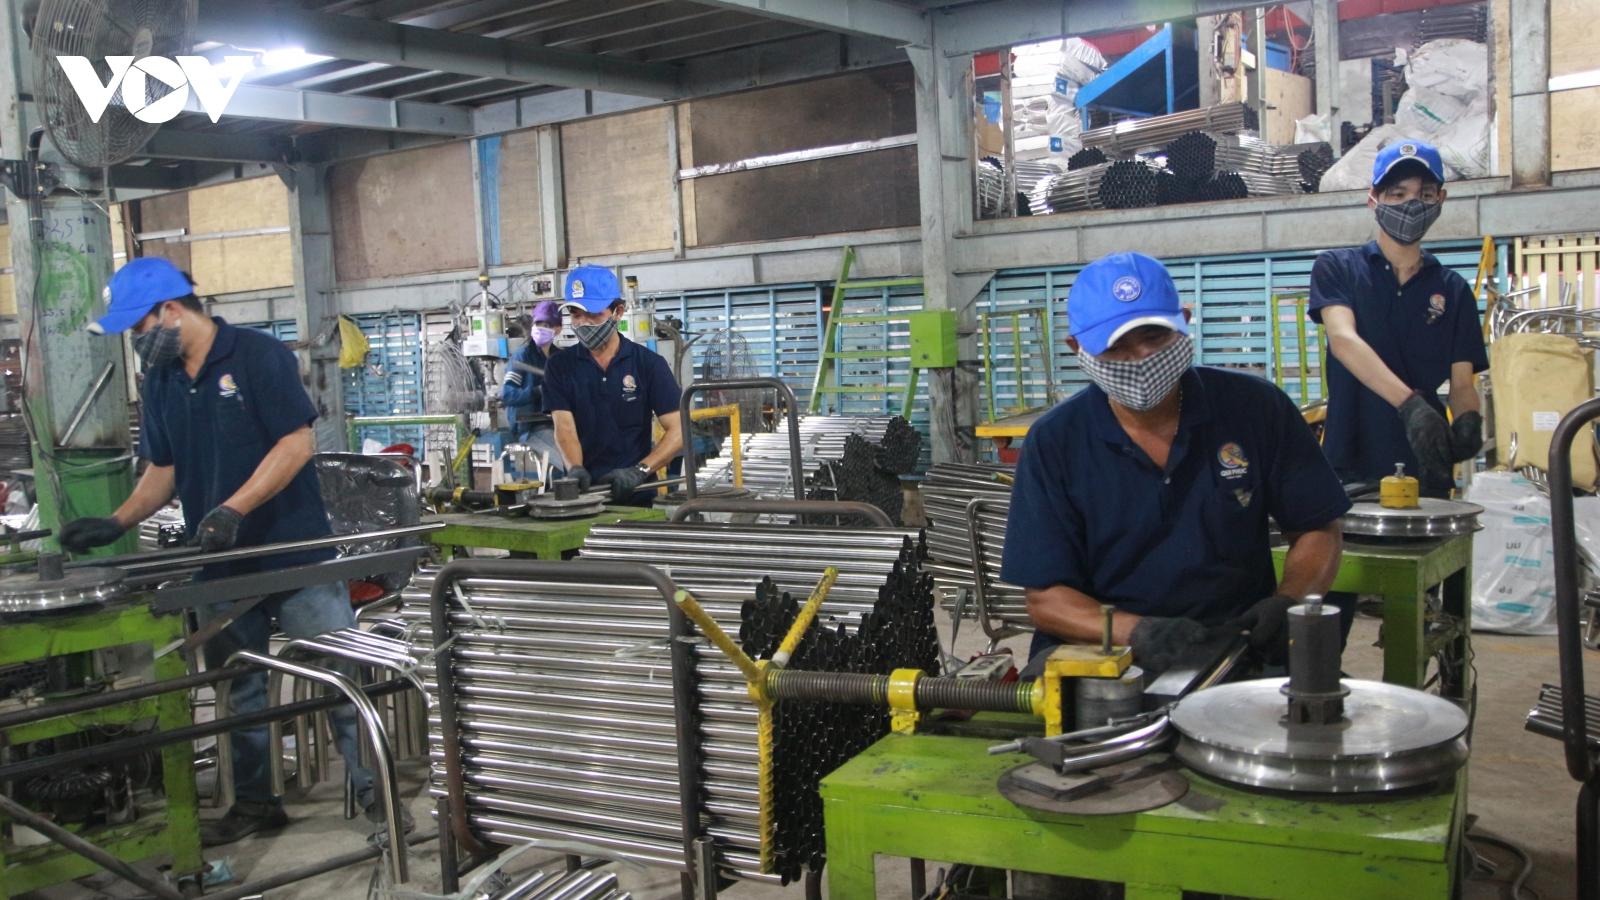 Đánh giá mức độ an toàn với Covid-19 tại 10.781 nhà máy, cơ sở sản xuất